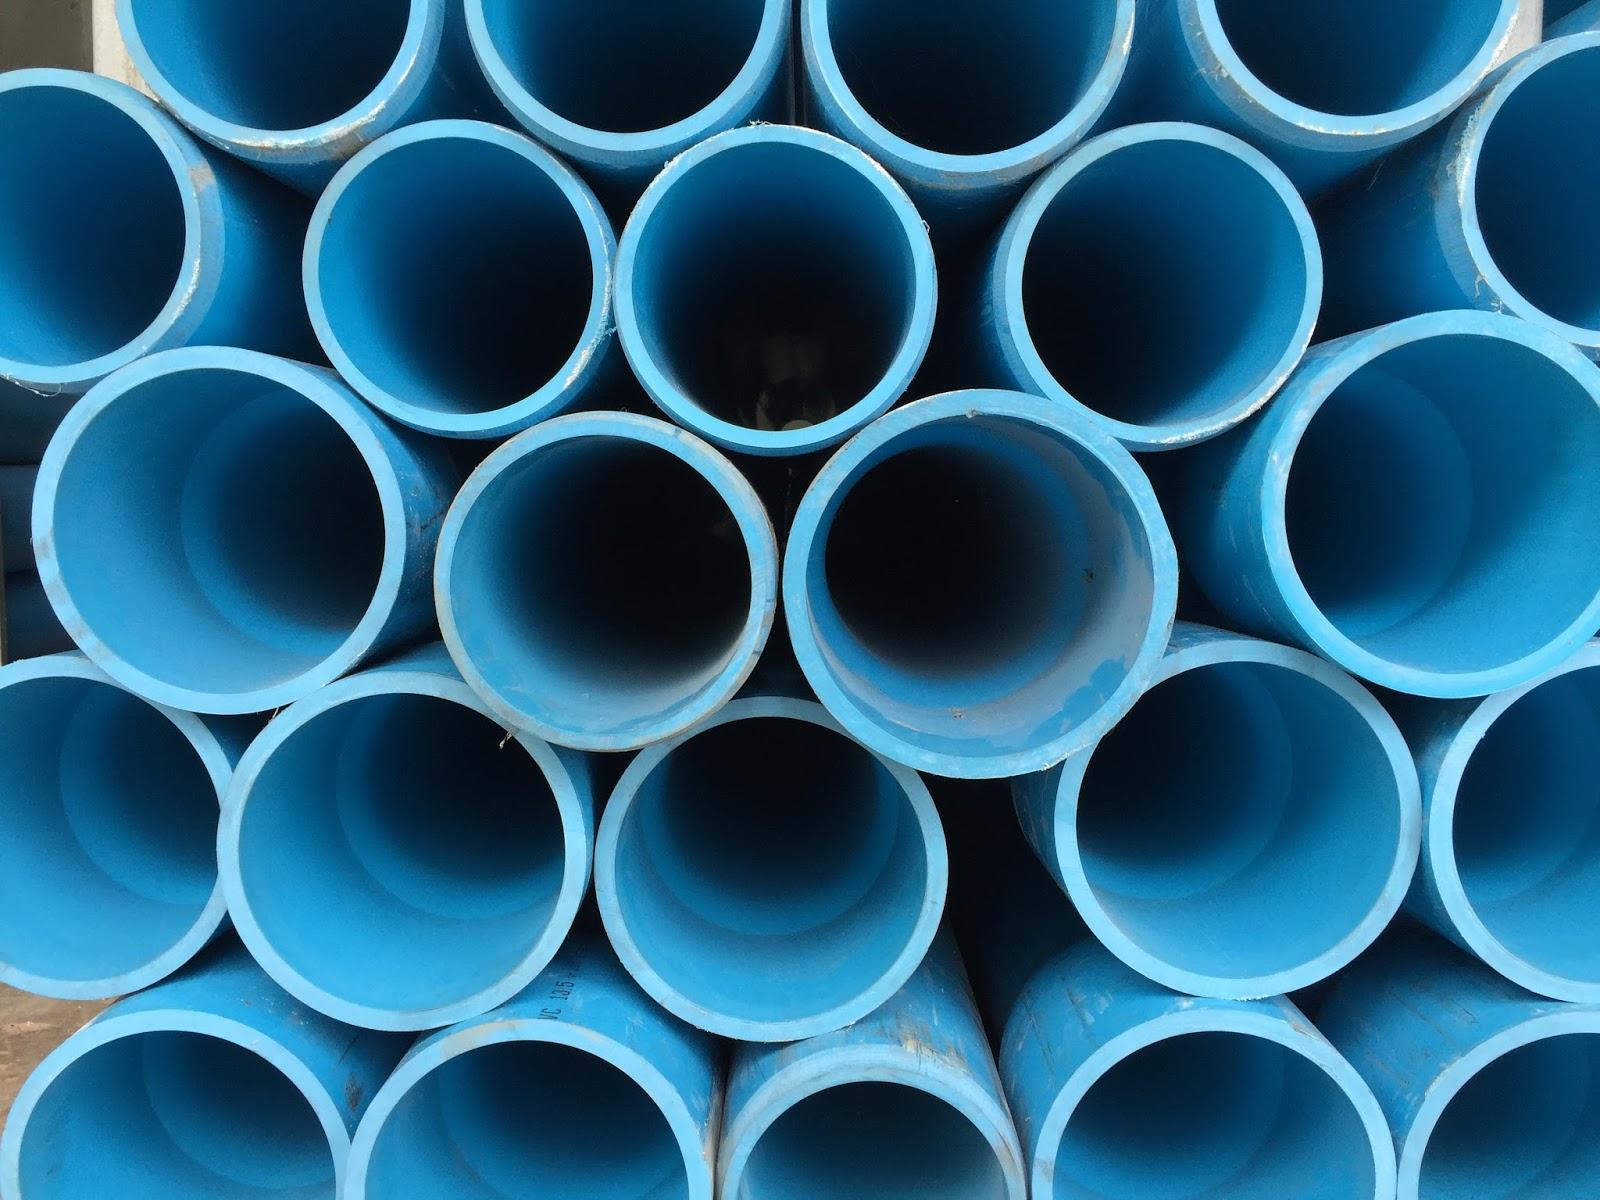 ท่อพีวีซีสีฟ้า Pvc Pipes For Water Supply บจก สุราษฎร์